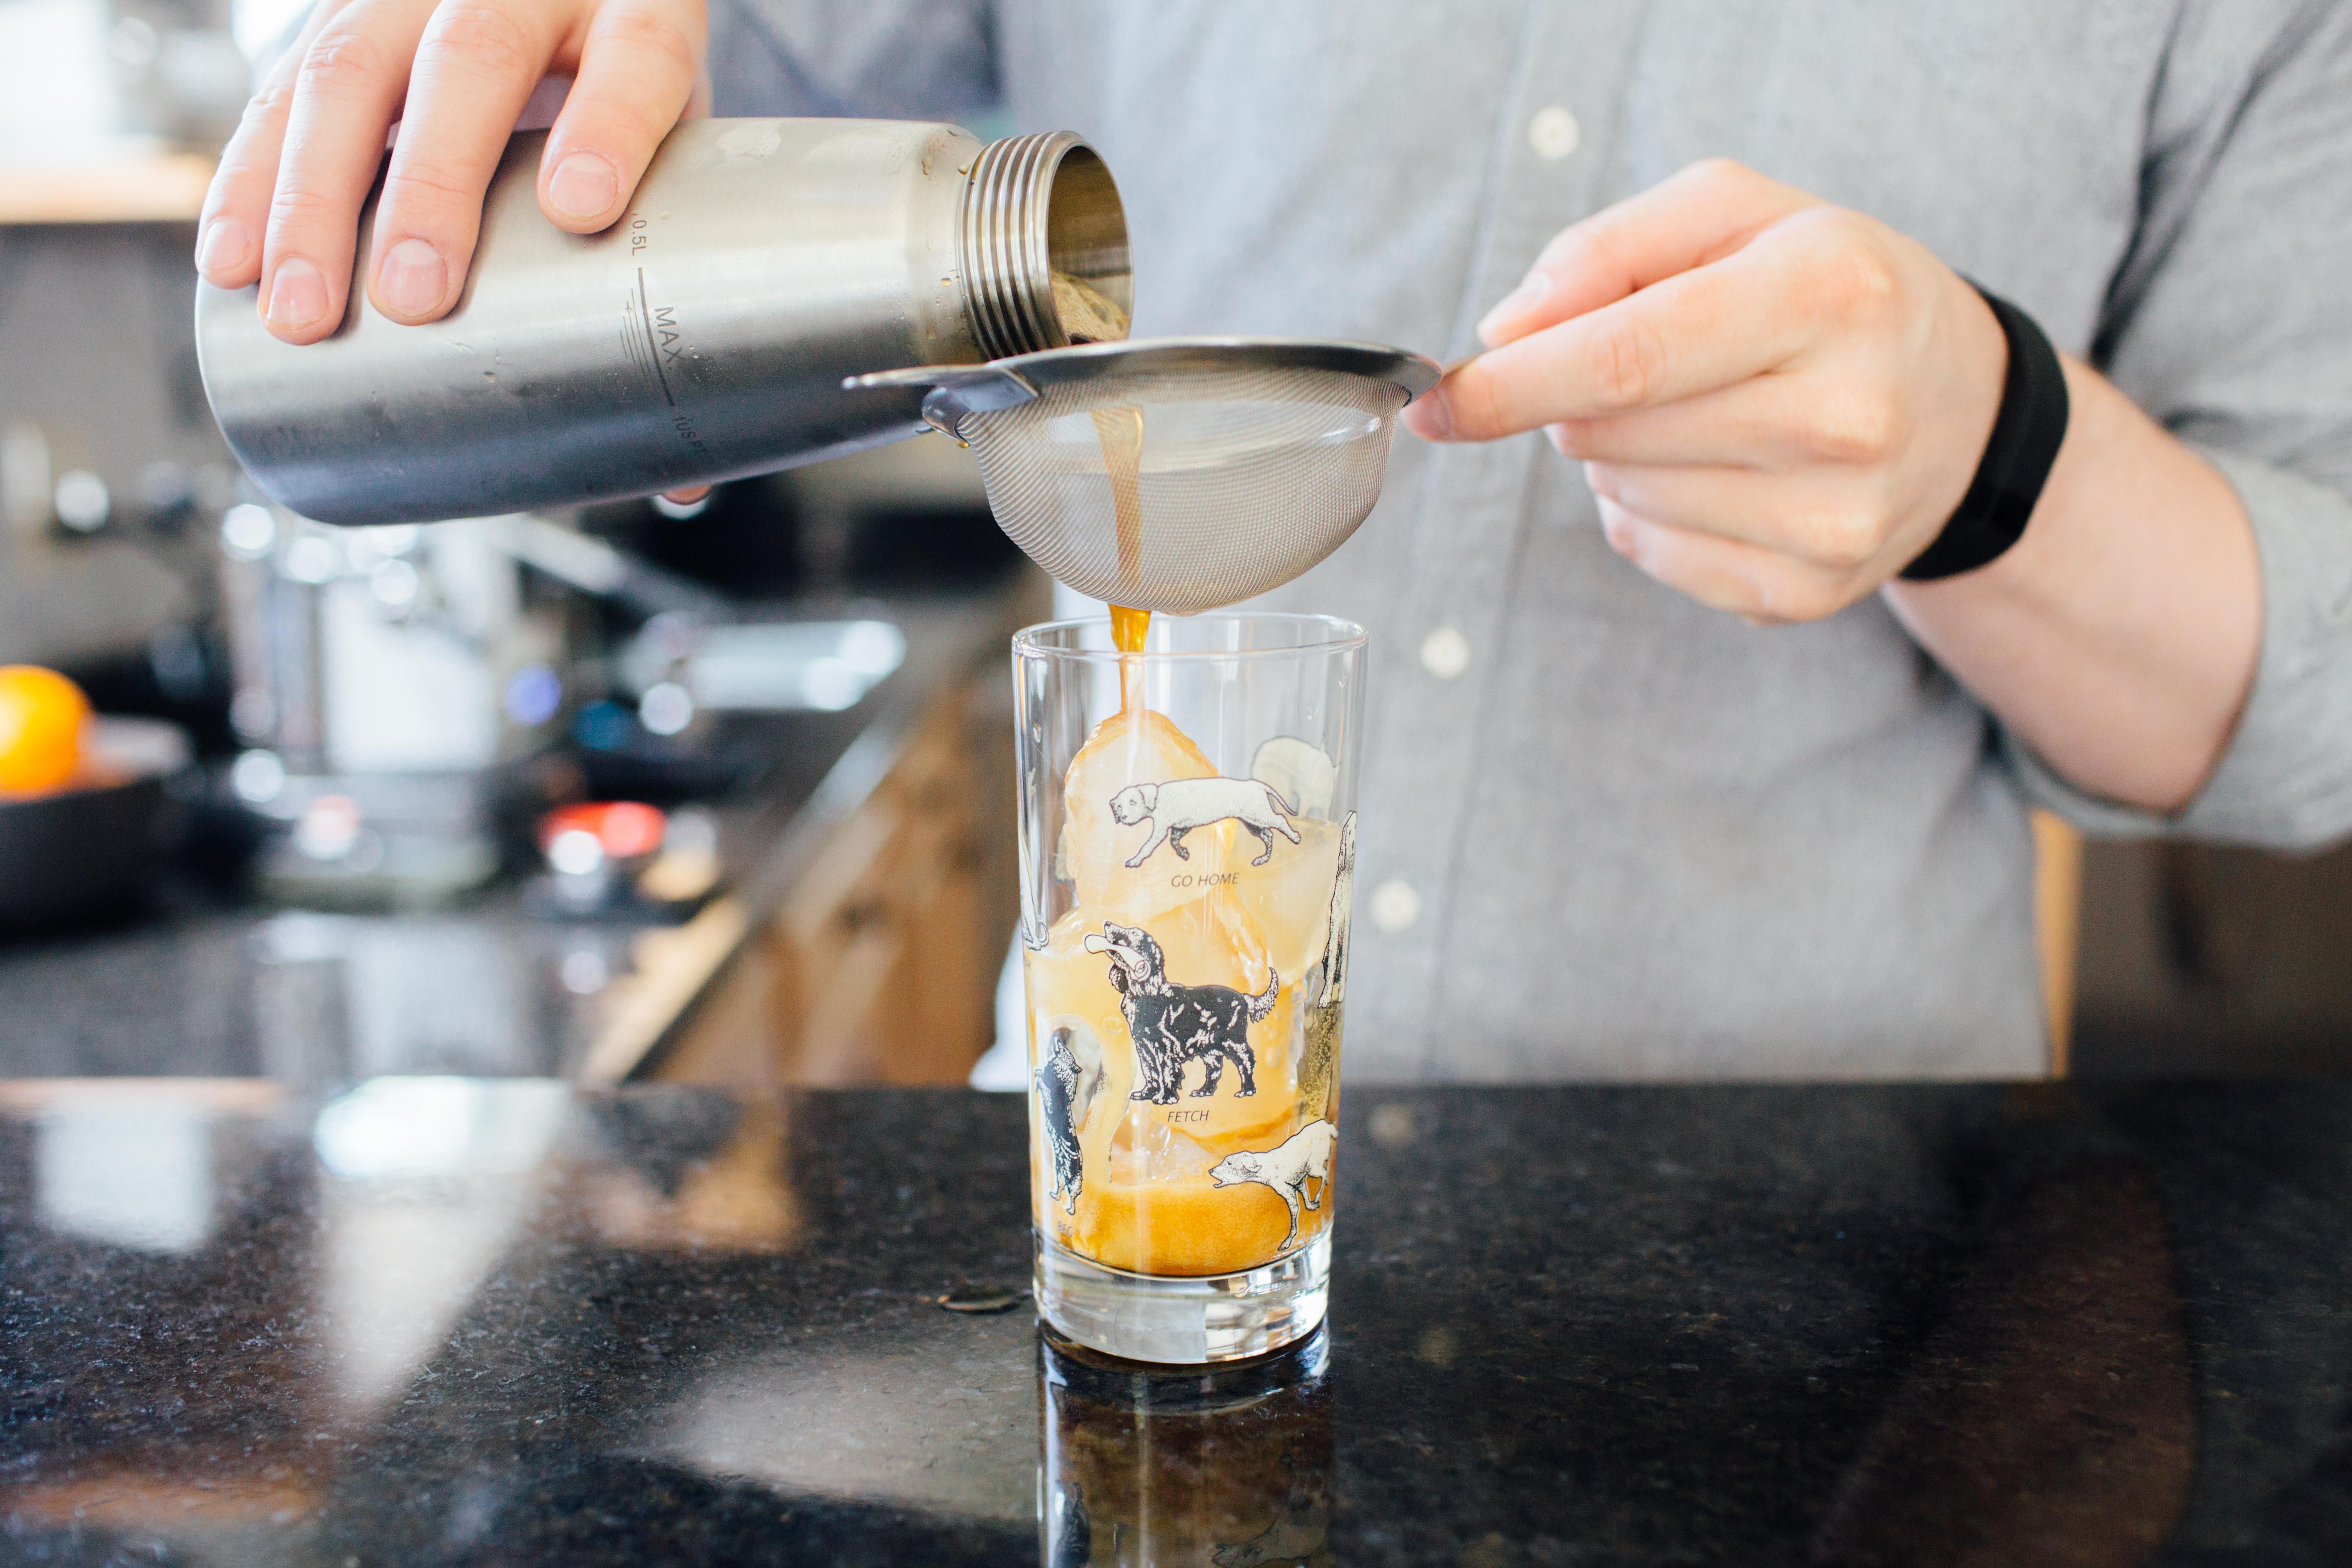 Strain the coffee soda into a glass